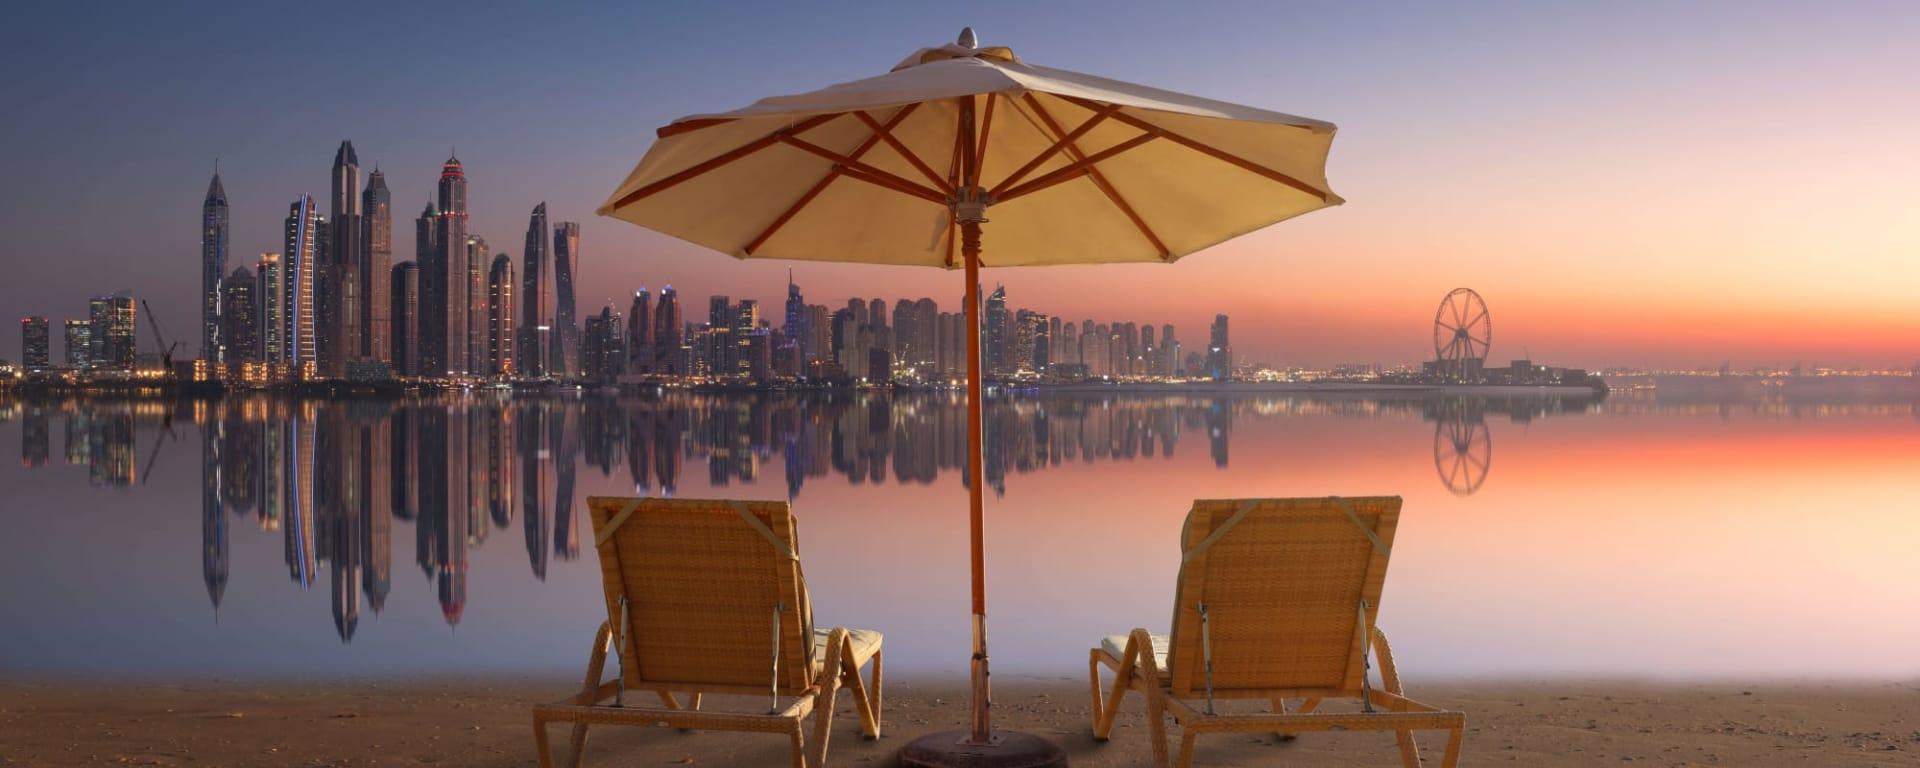 Vereinigte Arabische Emirate entdecken mit Tischler Reisen: Dubai Marina View